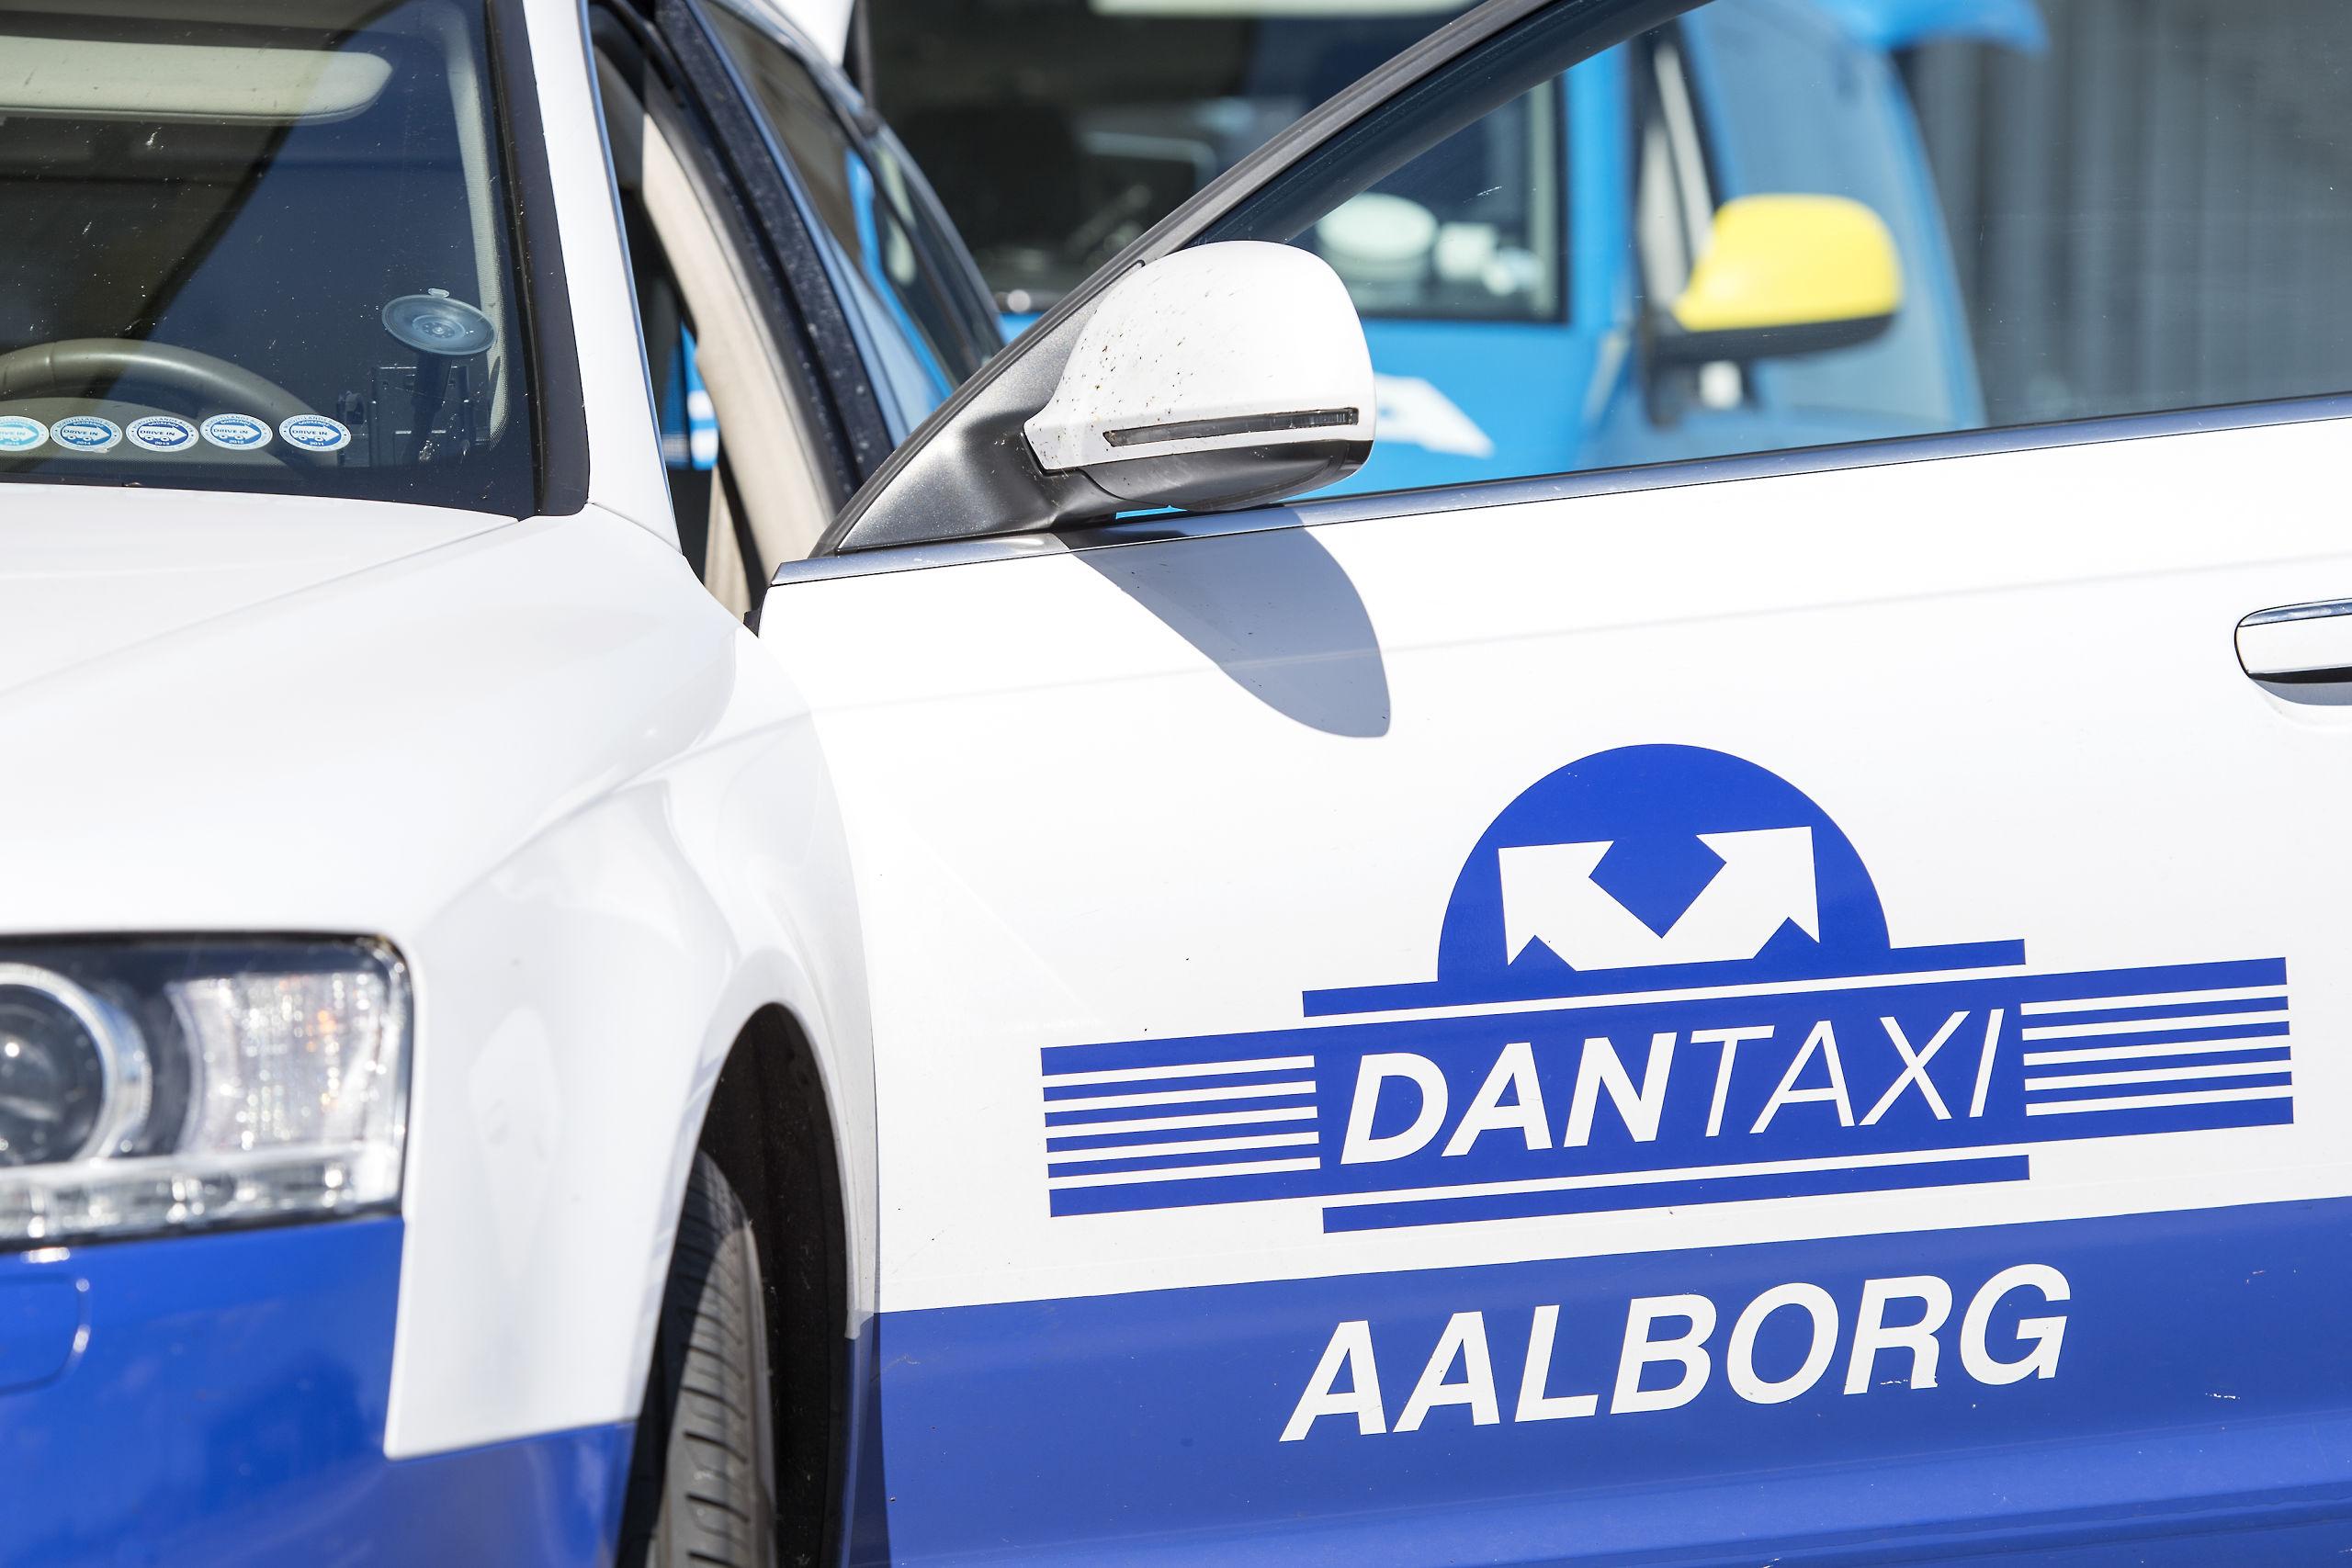 Vær smart og vælg den rigtige taxi når du skal hjem til køjen